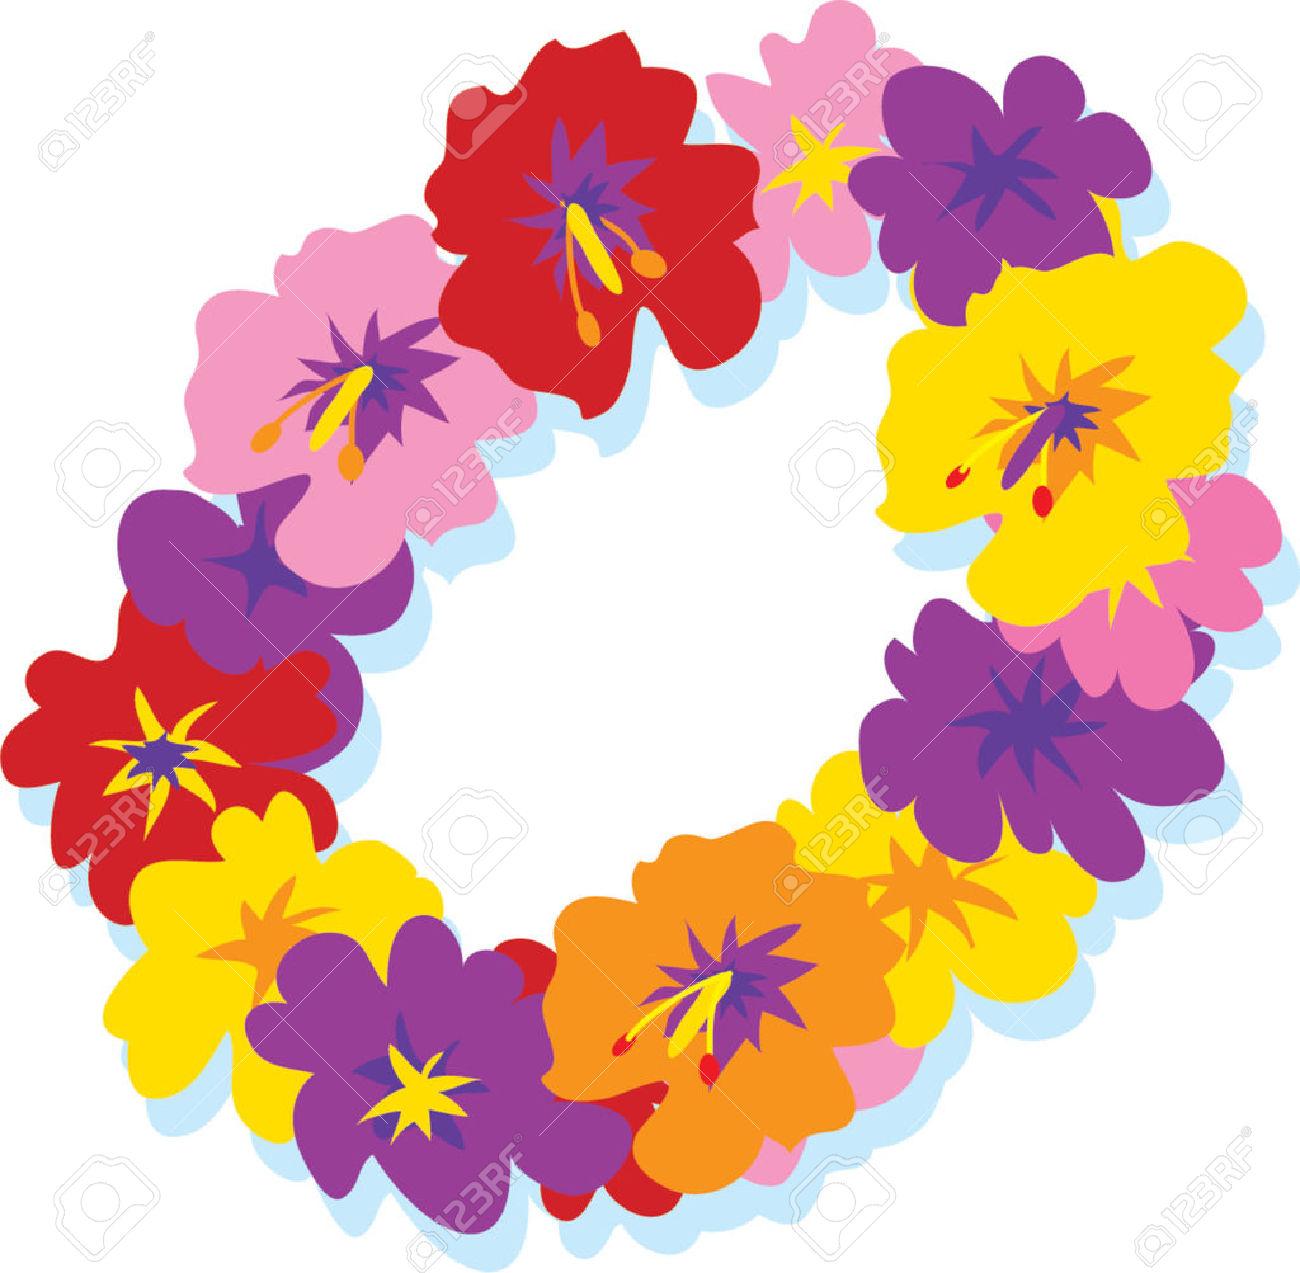 Flower garland clipart free download best flower garland clipart 1300x1273 flower lei clipart izmirmasajfo